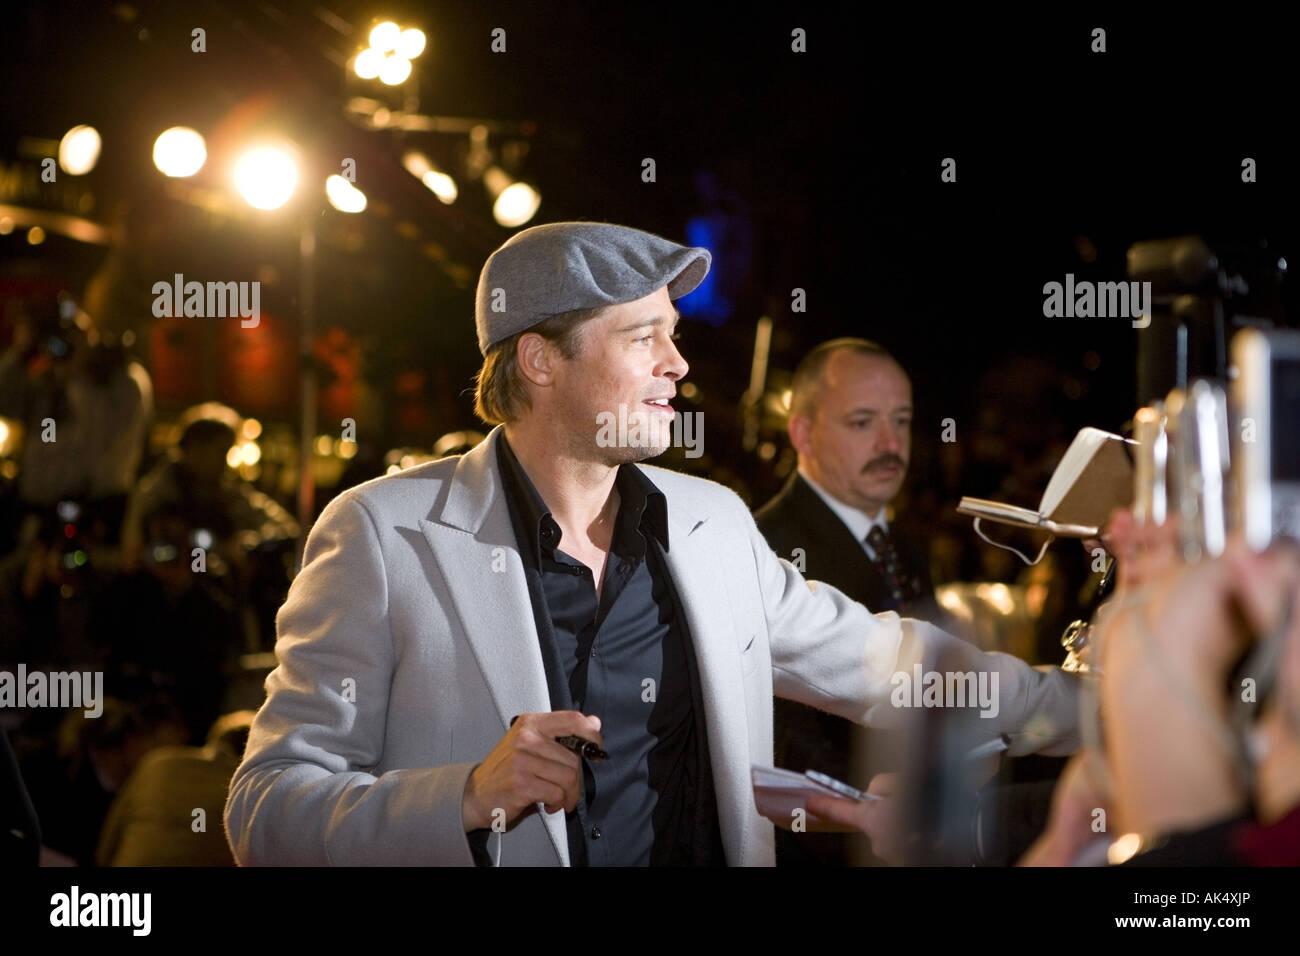 Beo Wulf - europäischer Film Premiere London Leicester Sqaure, brad Pitt mit Angelina Jolie. Stockbild